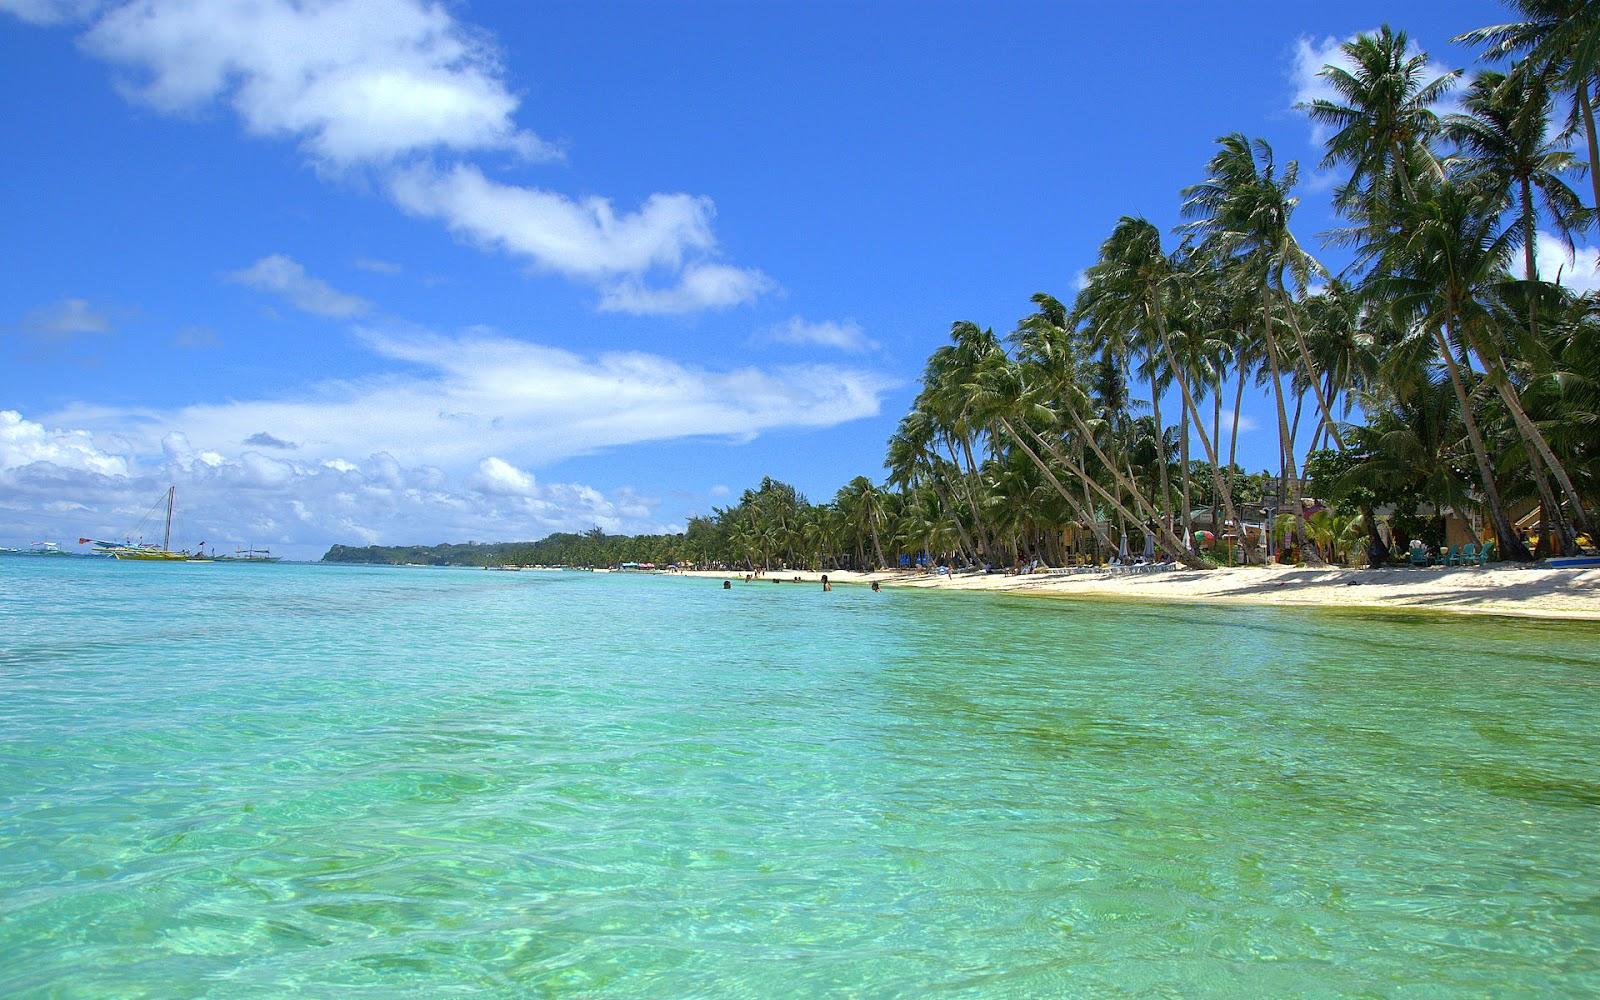 http://4.bp.blogspot.com/-kl6eqGbjGKk/T8XyF3sj6XI/AAAAAAAAAcI/B9Omi0E5HD4/s1600/Beach+Wallpaper.jpg